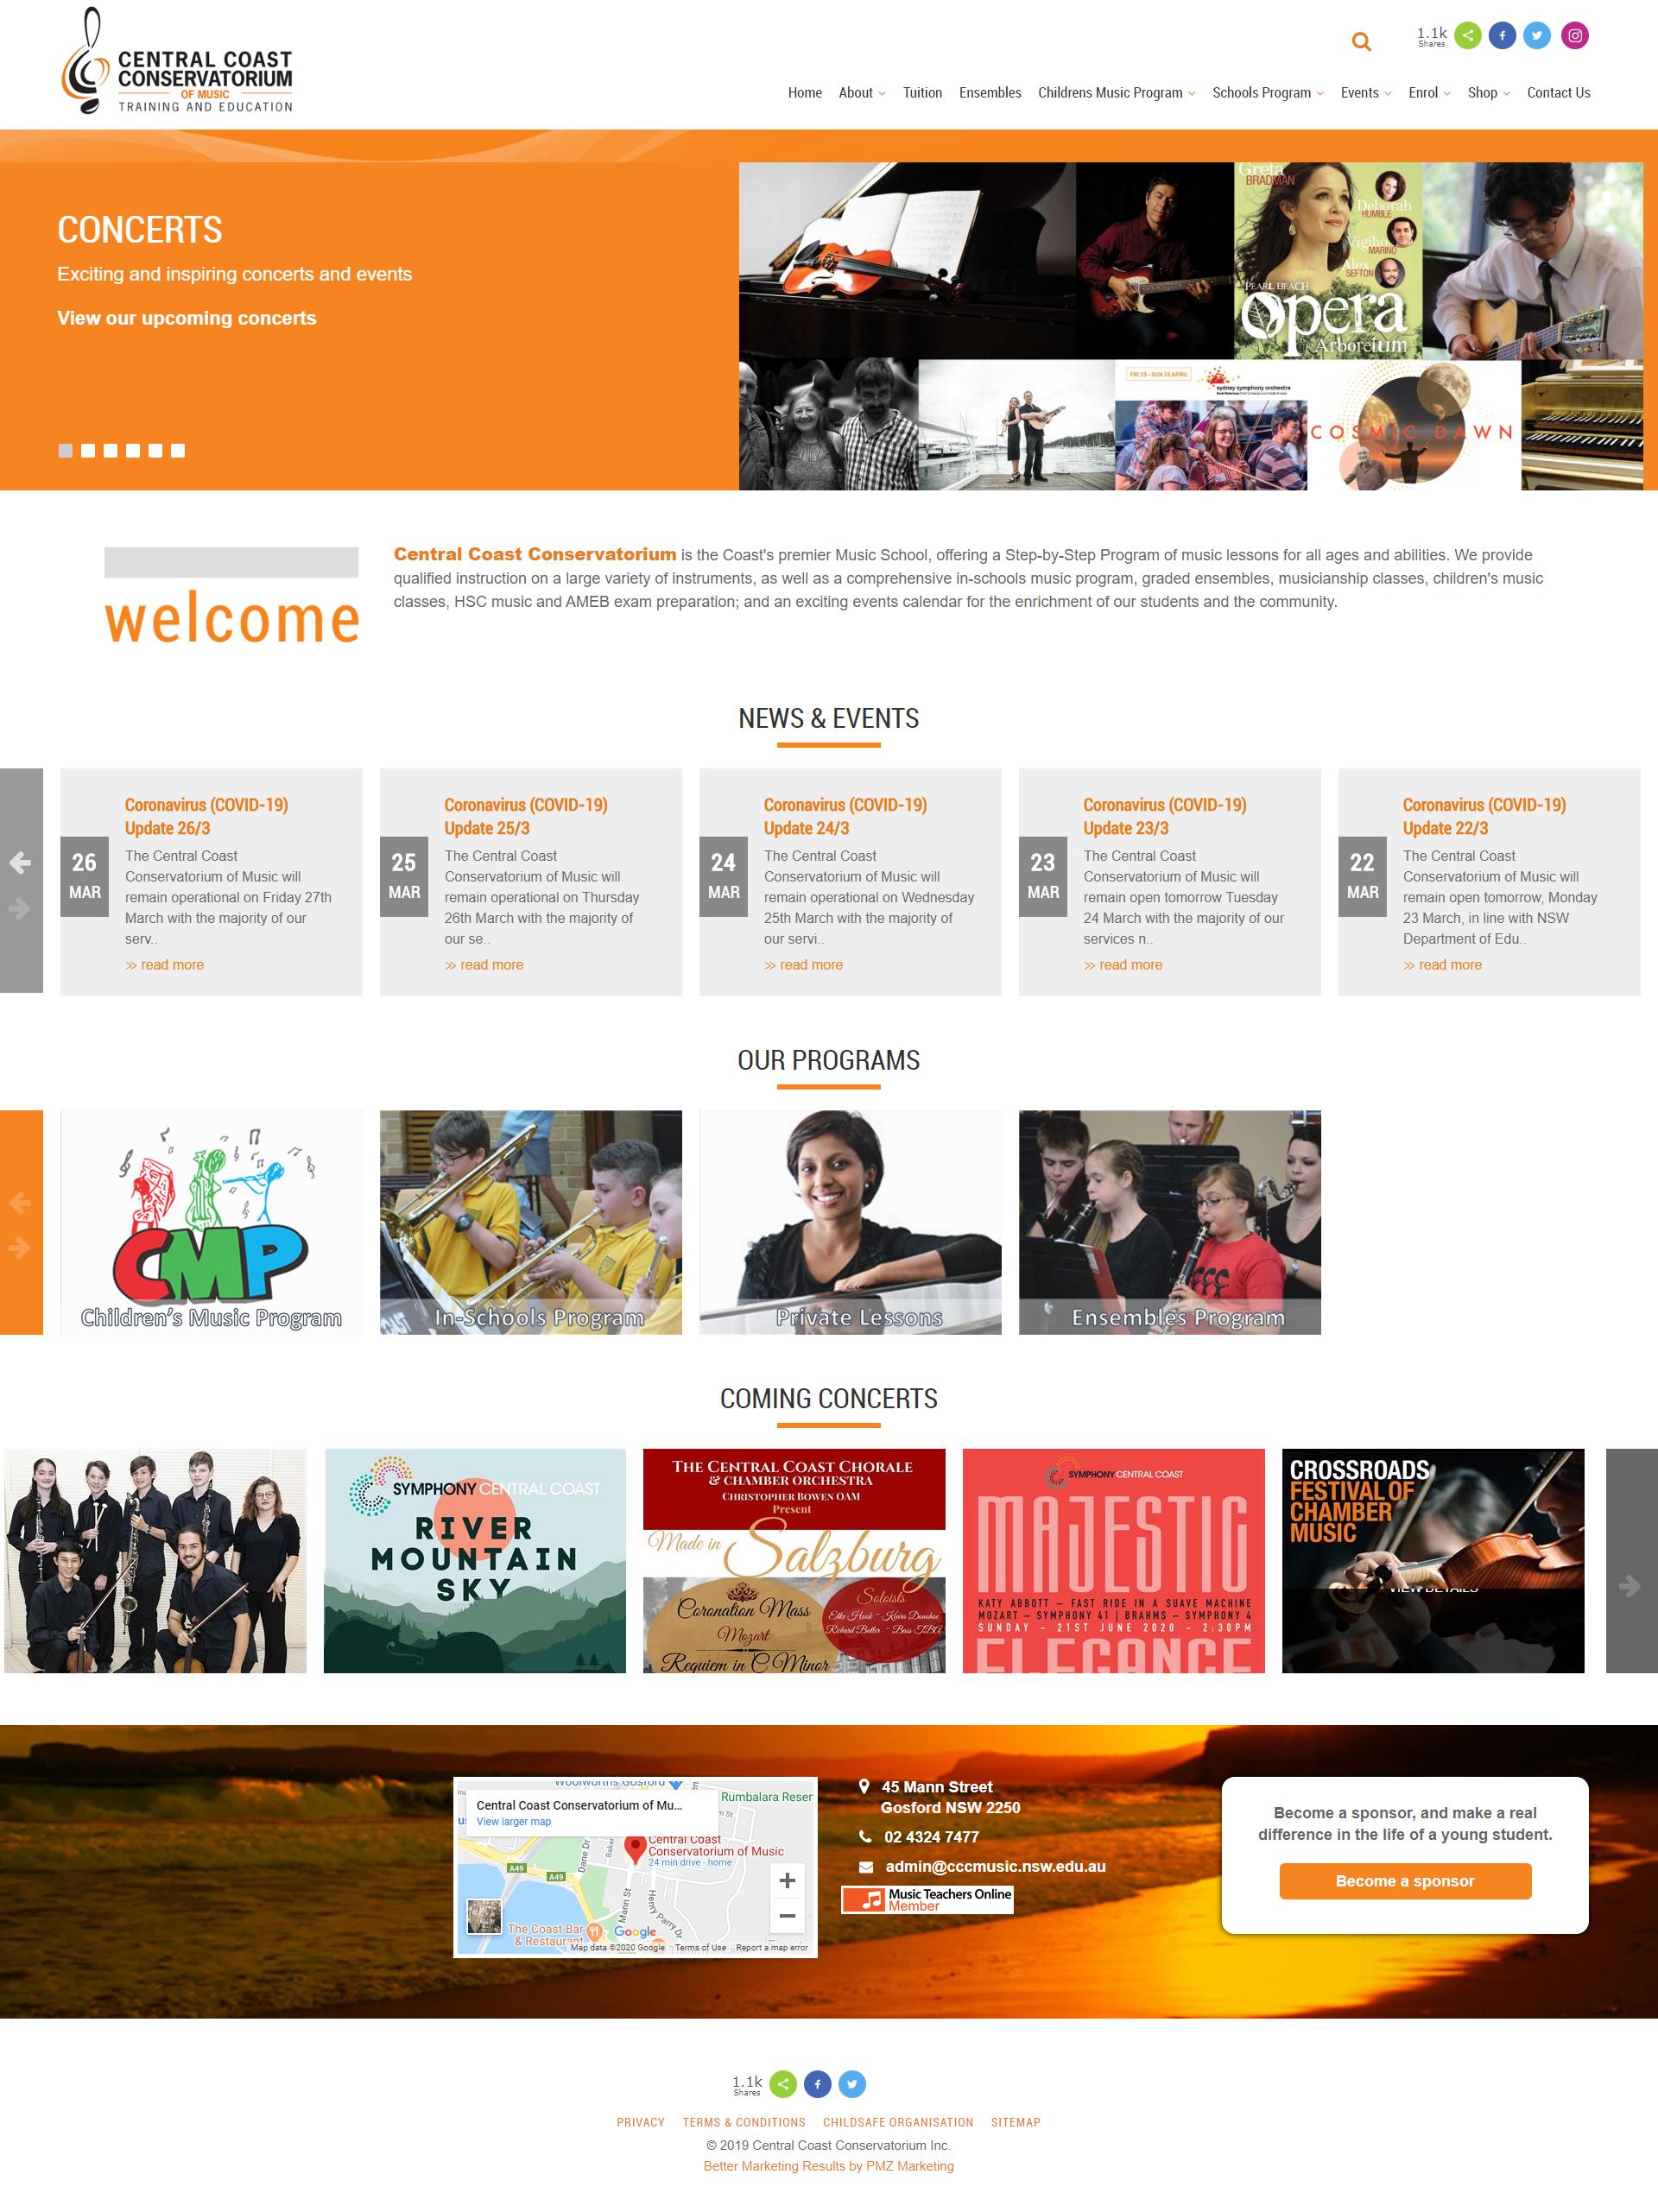 Central Coast Conservatorium :: PMZ Marketing Client